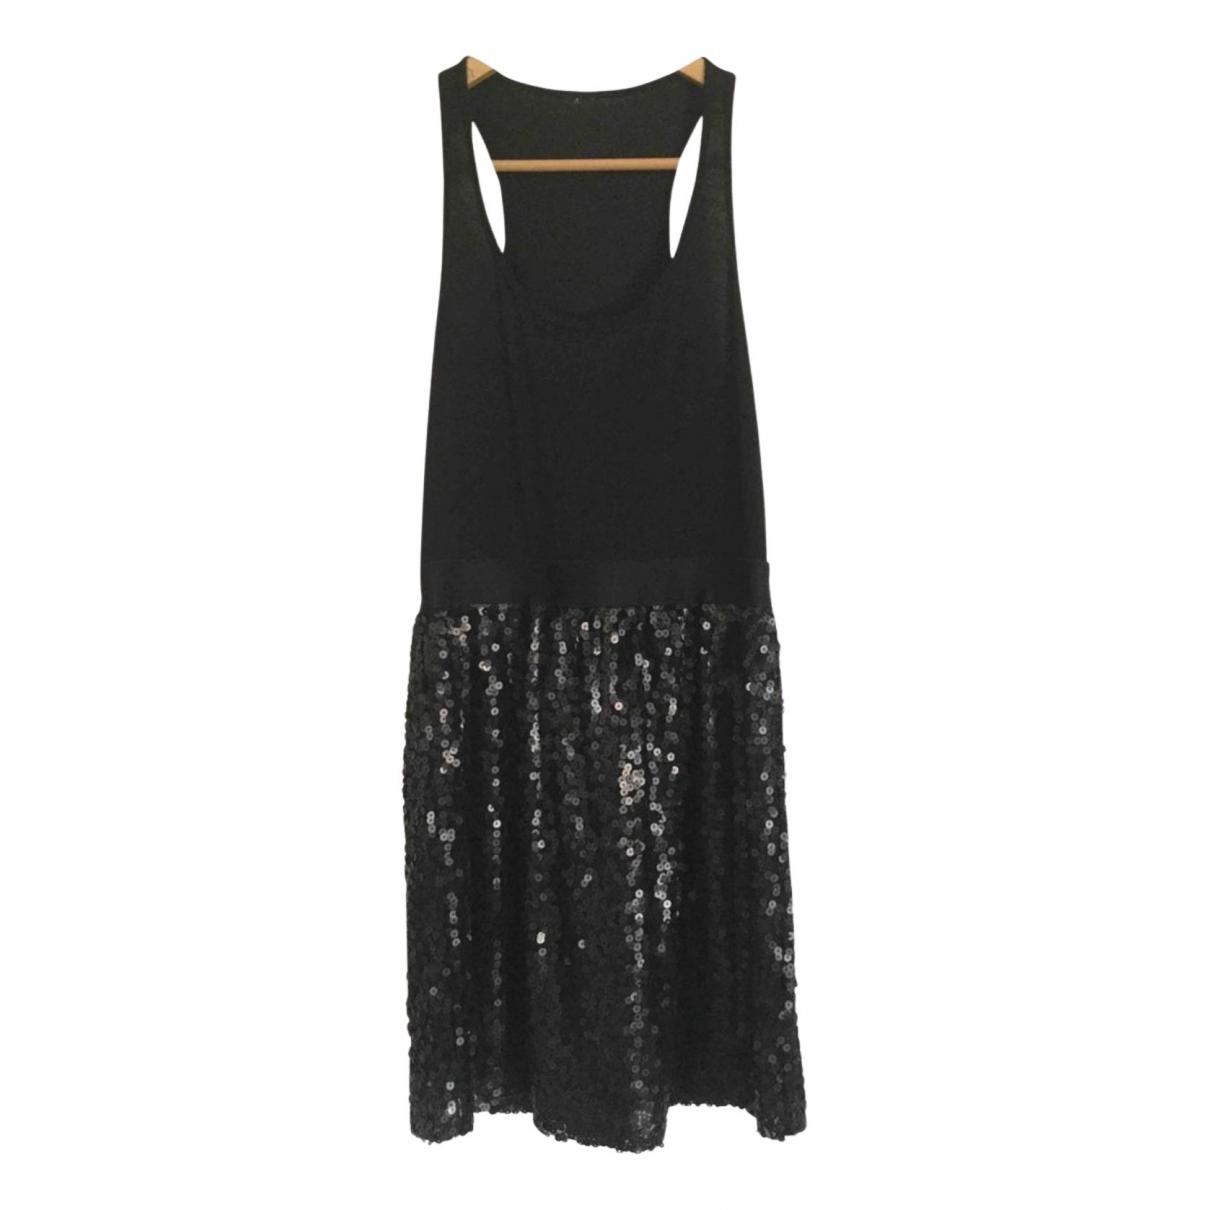 Asos N Black dress for Women M International